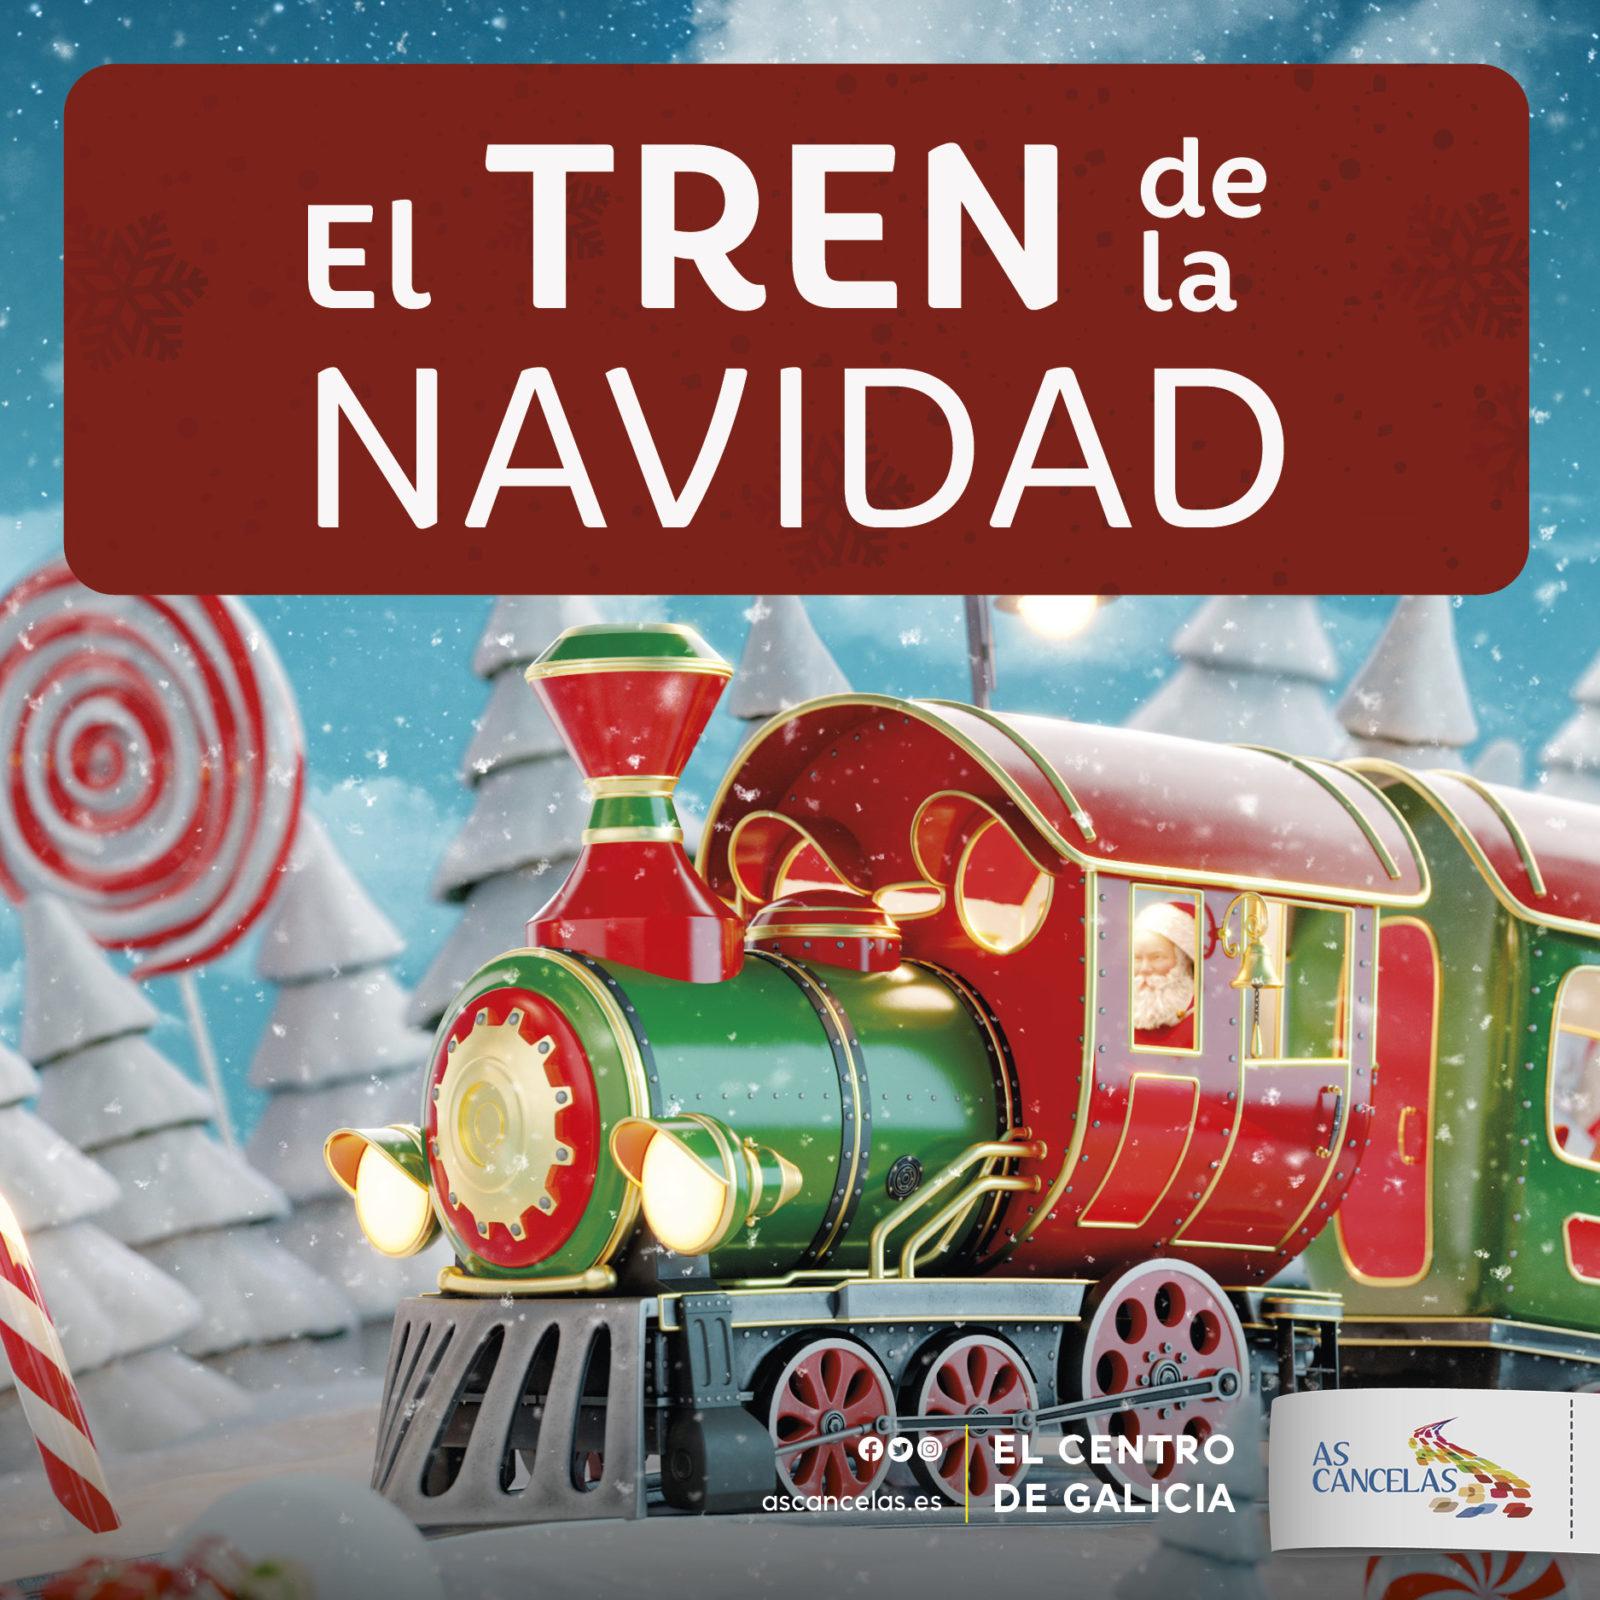 Abrir El tren de la Navidad llega a As Cancelas